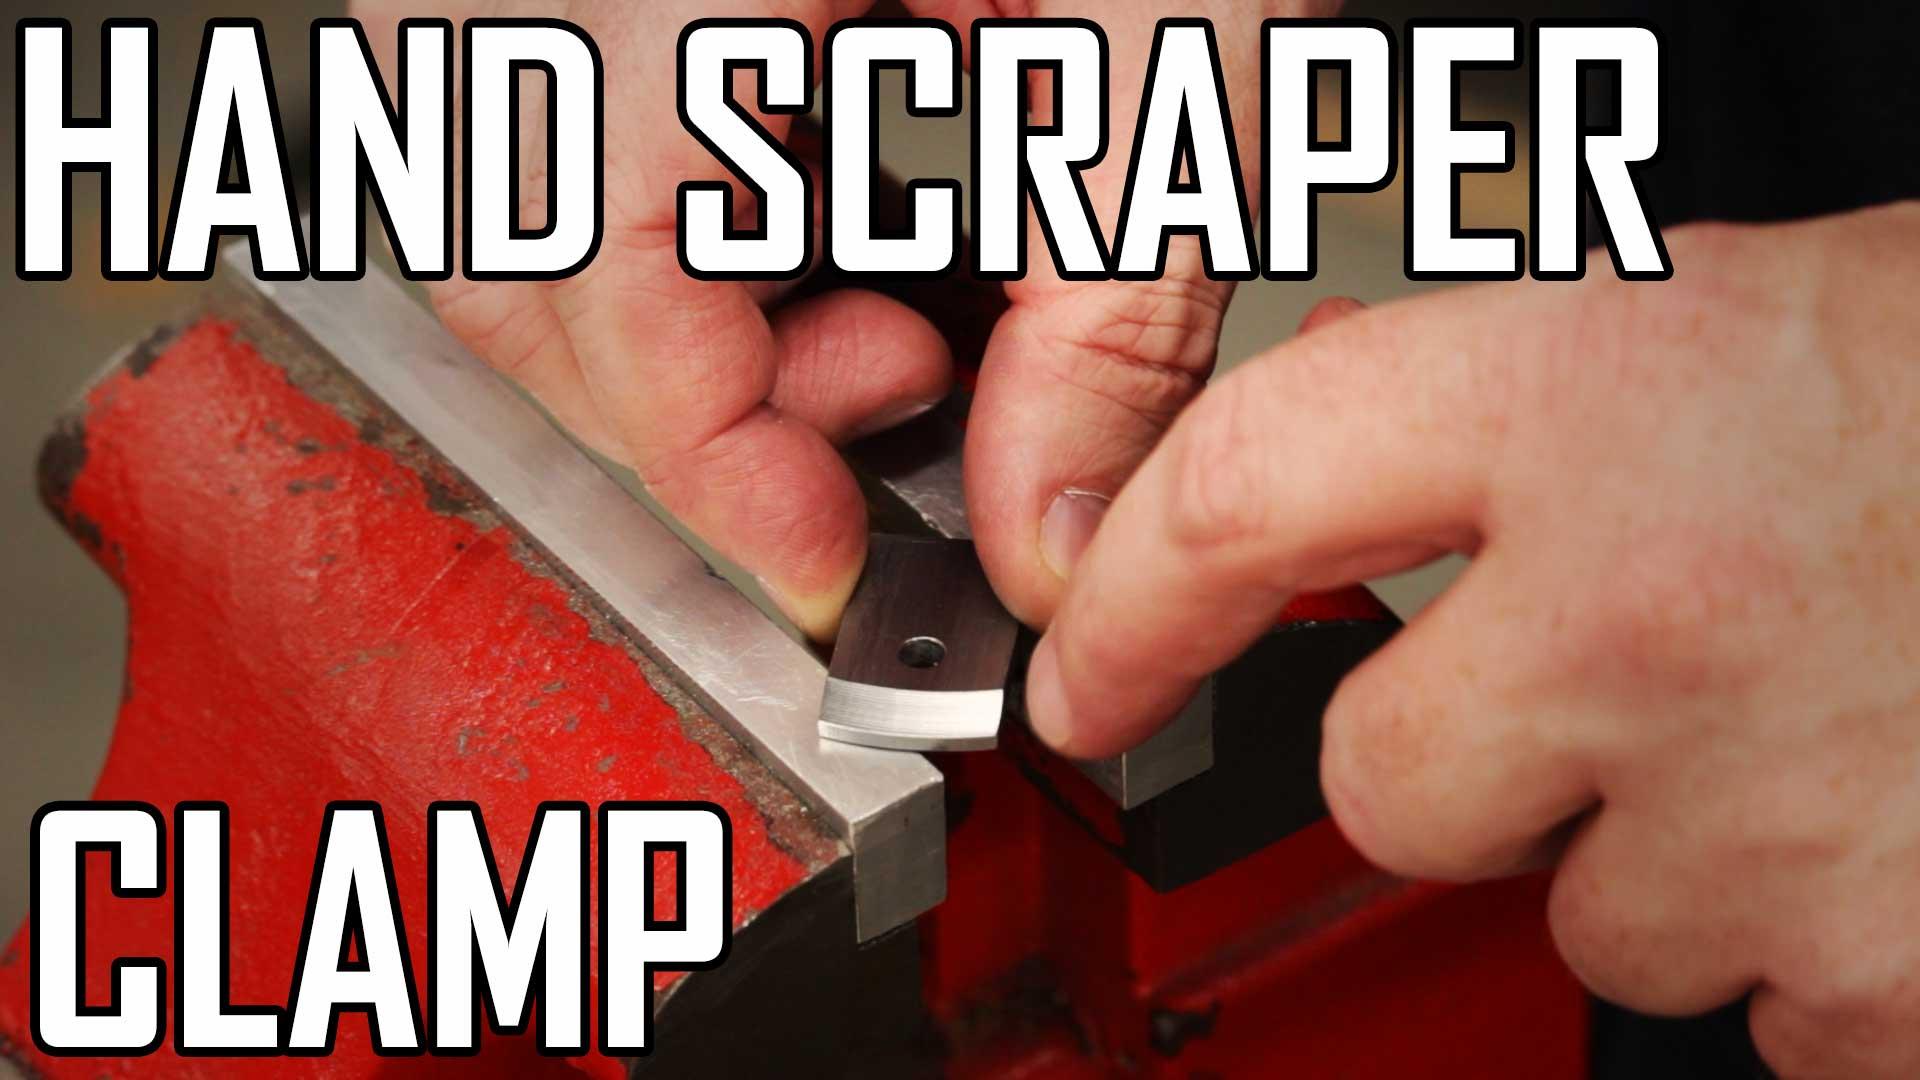 Hand Scraper 4: Machining the Clamp - Clough42, LLC